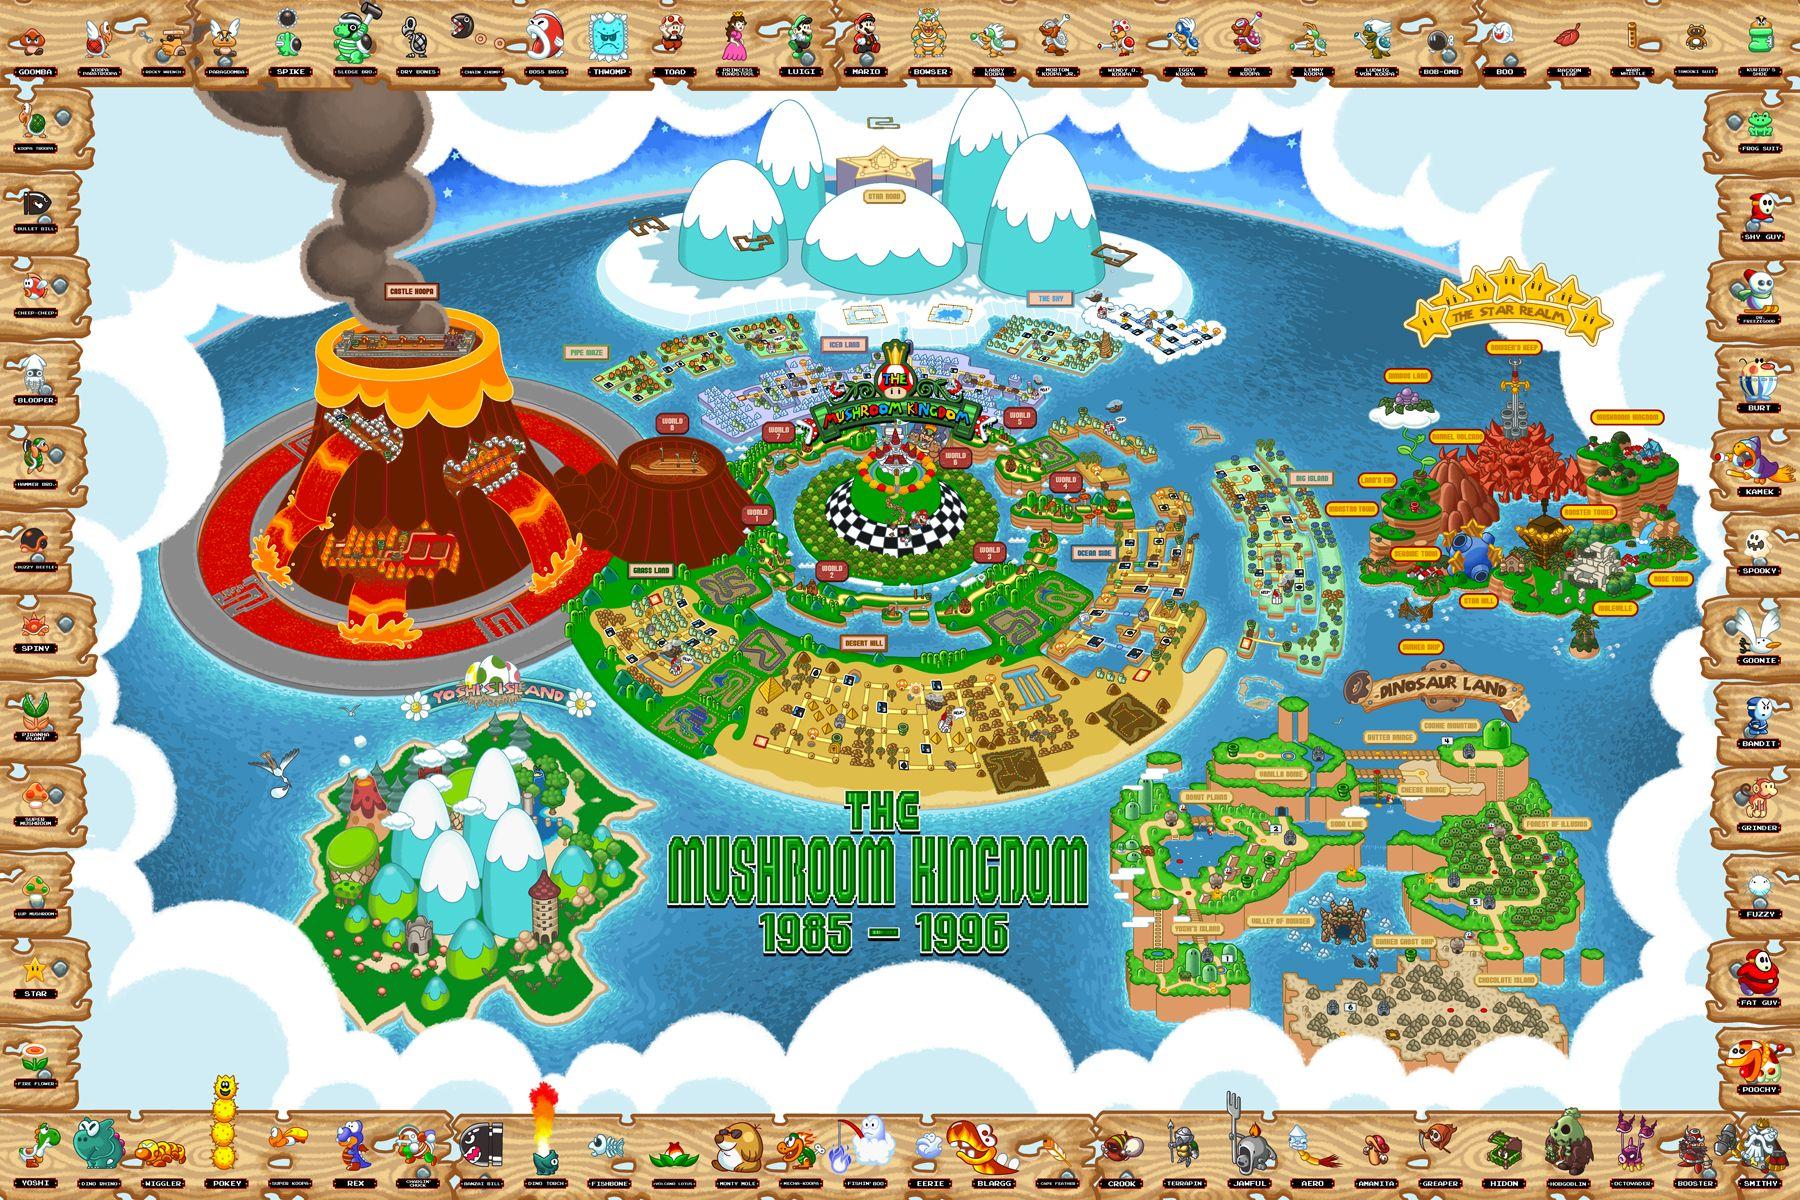 The Full Mushroom Kingdom Via Mudron On Flikr Super Mario Bros